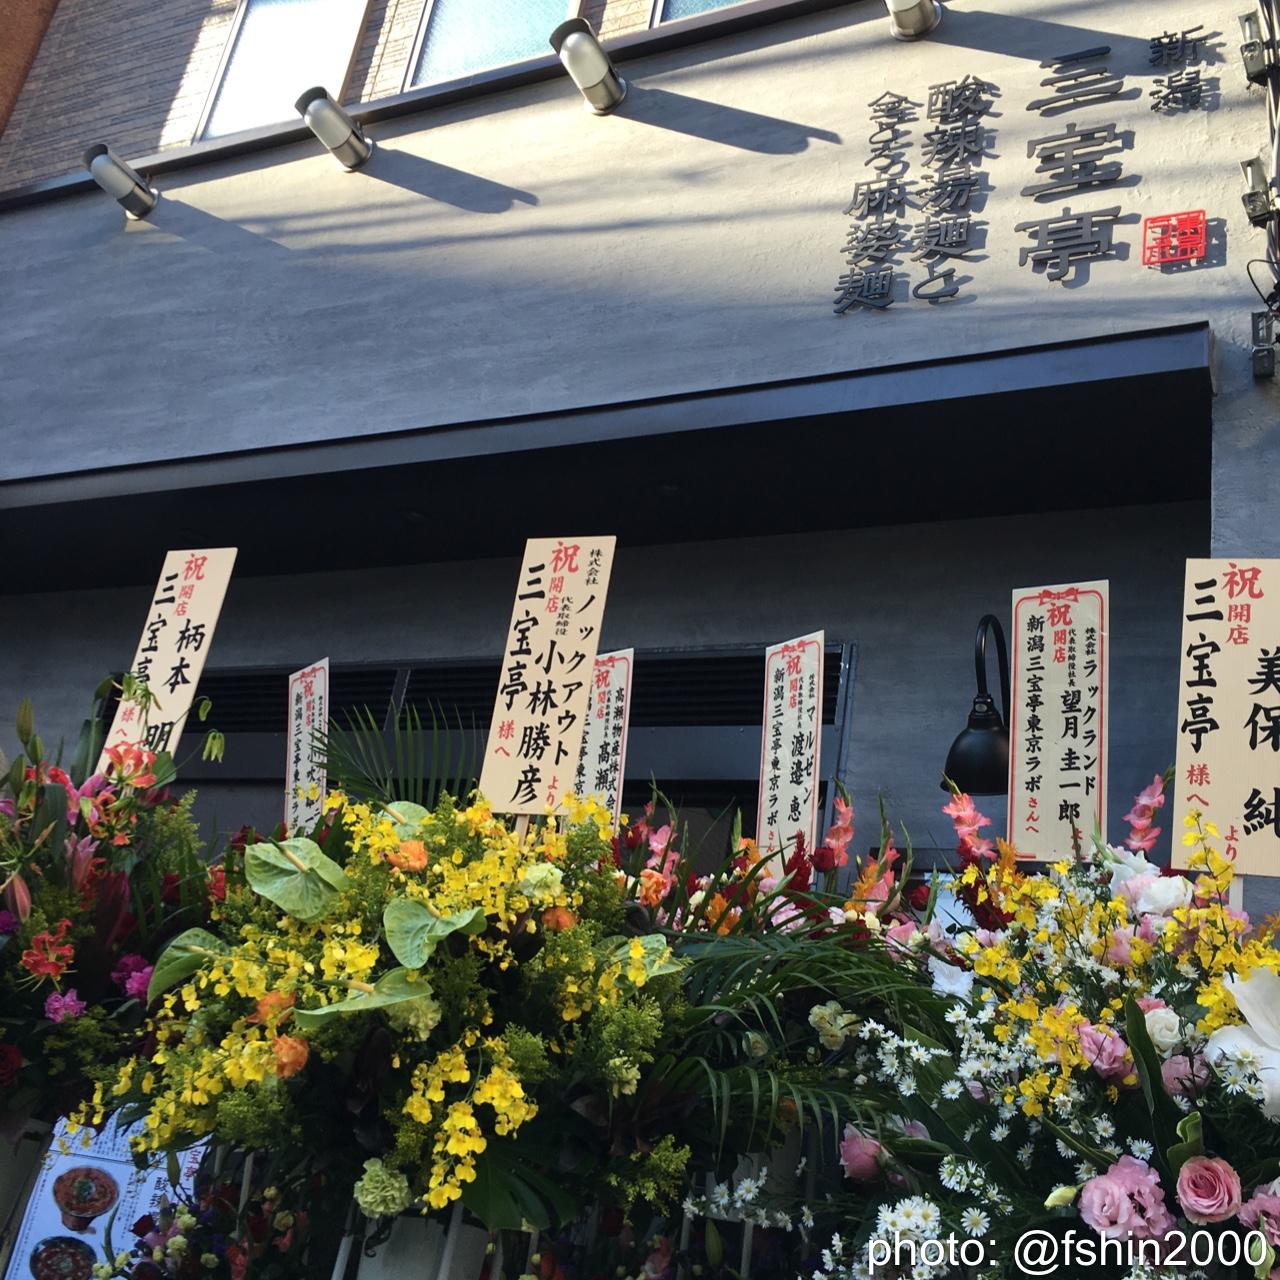 東京目黒区 三宝亭 酸辣湯麺,全とろ麻婆麺が自慢のラーメン店>